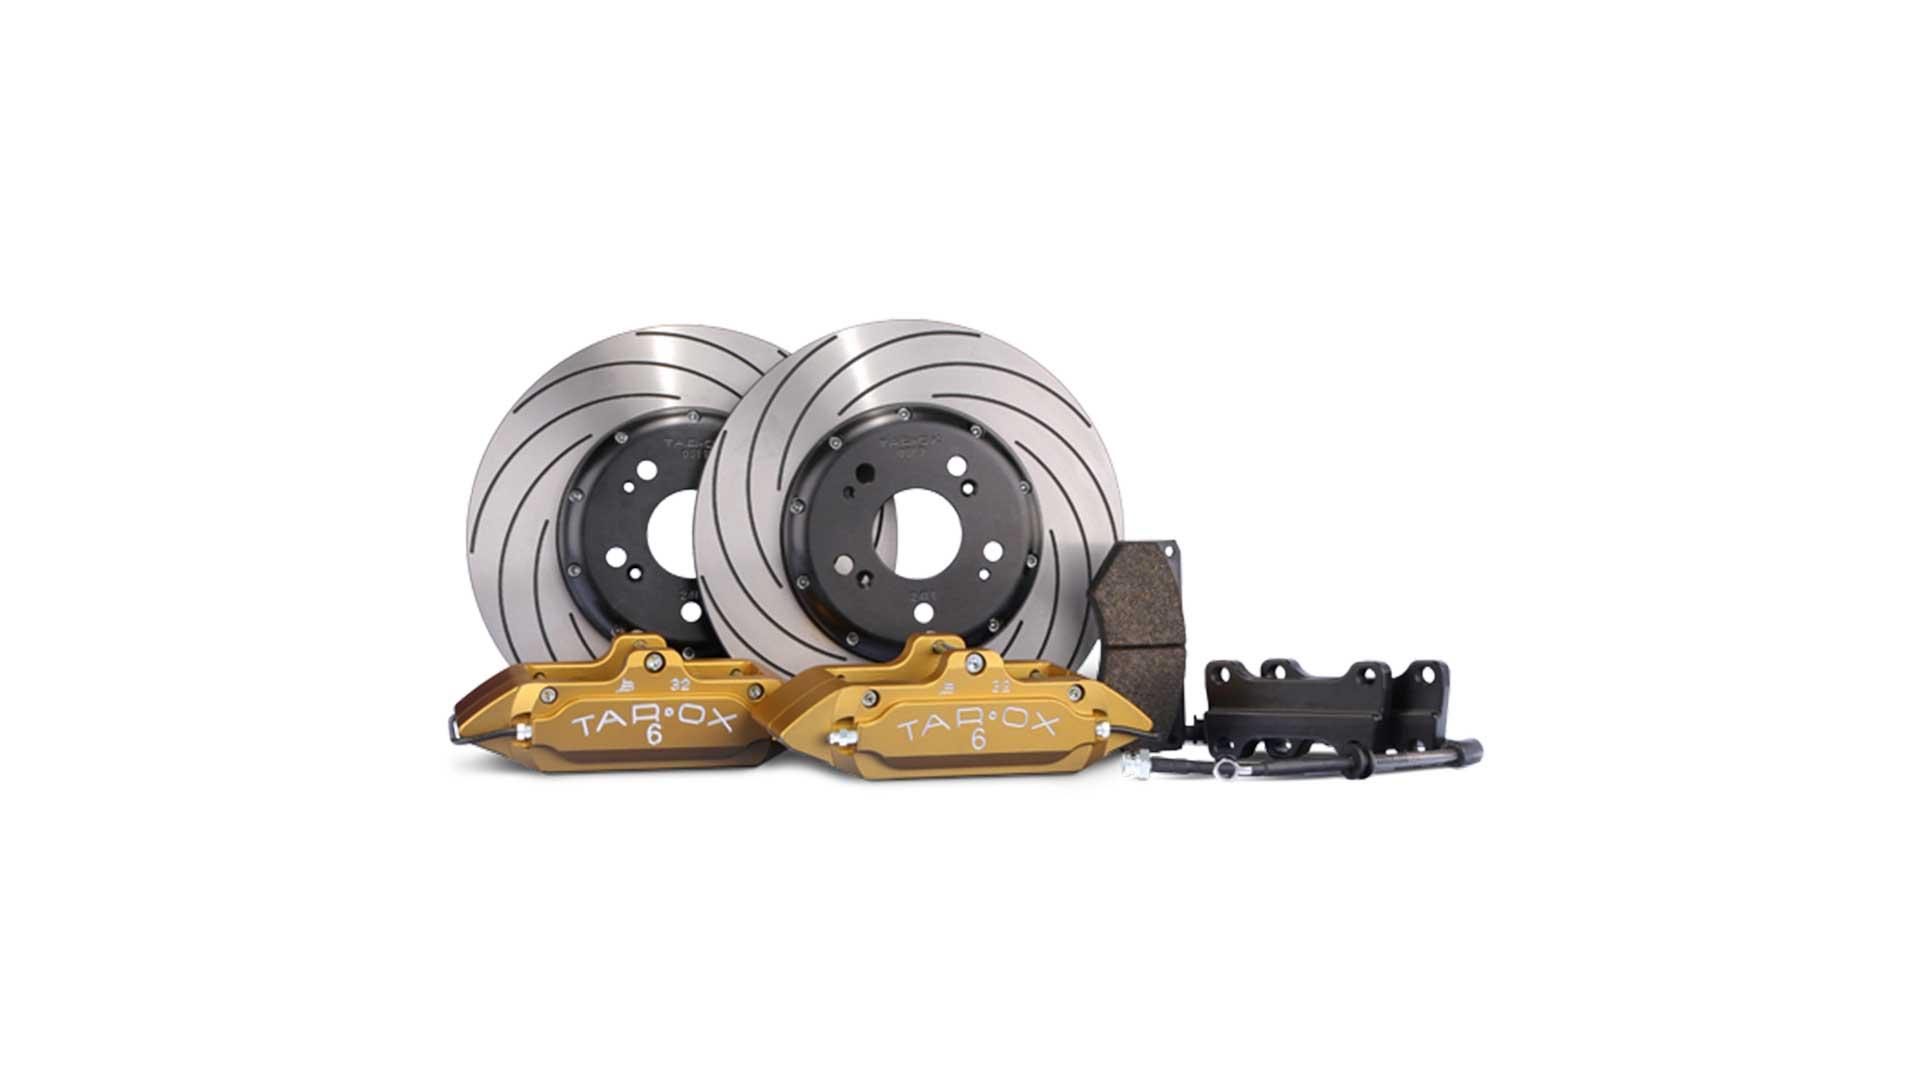 tarox sport big brake kit